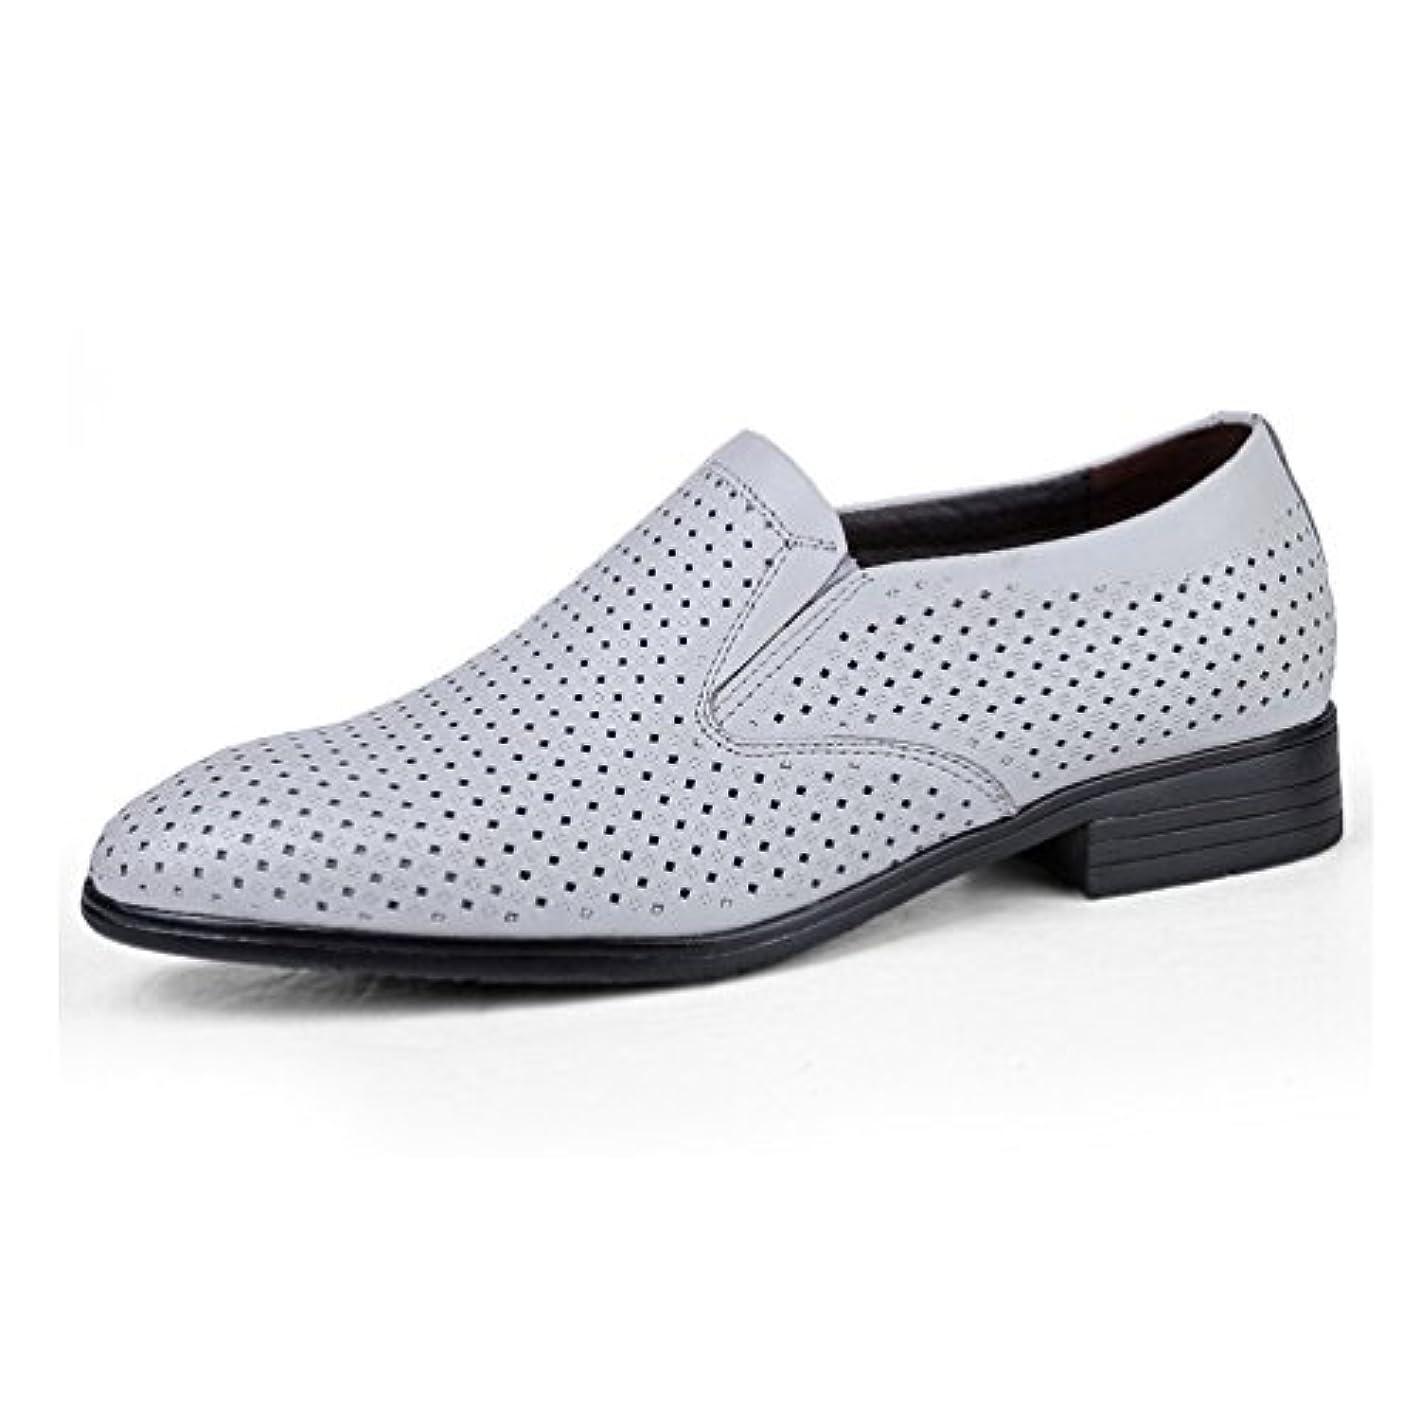 支払うマイクロくビジネスシューズ ローファー メンズ モカシン 白 イタリア風 フォーマル 革靴 紳士靴 パンチンク カジュアル ローヒール 軽量 蒸れない コンフォート ベーシック ウォーキング 脱着やすい 大人 通勤 父の日